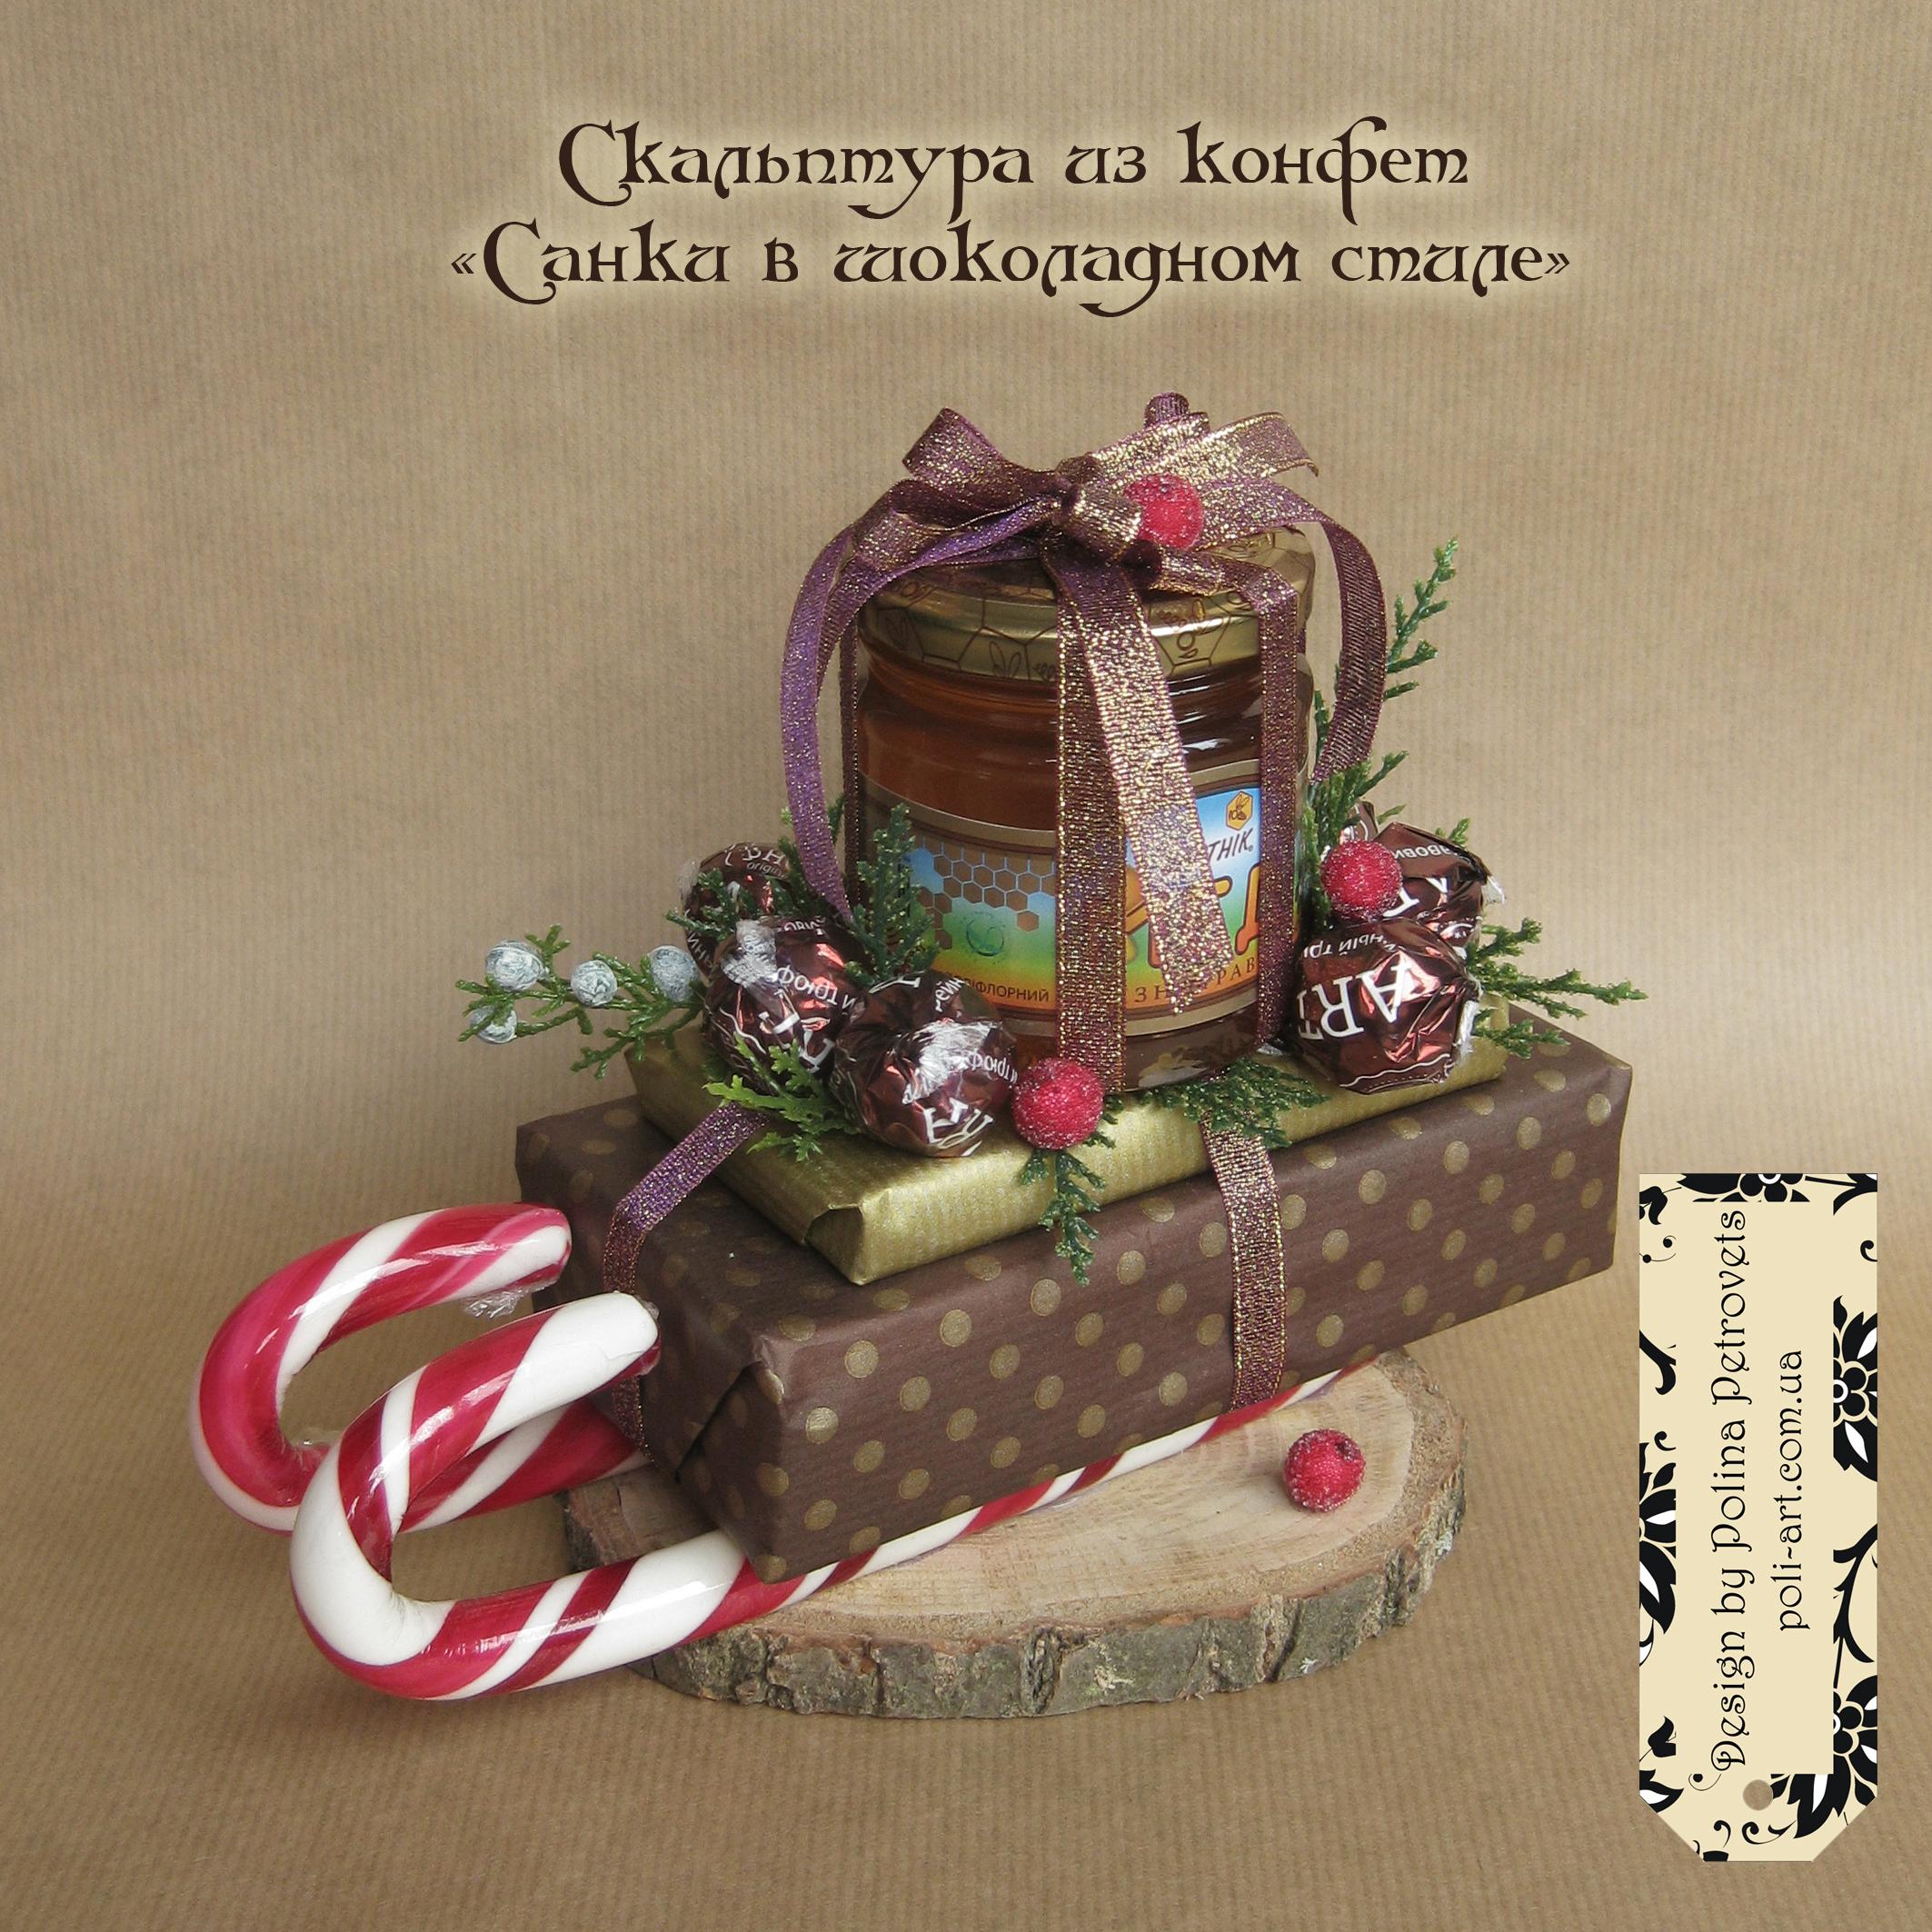 Поздравление из конфет и шоколада фото 293